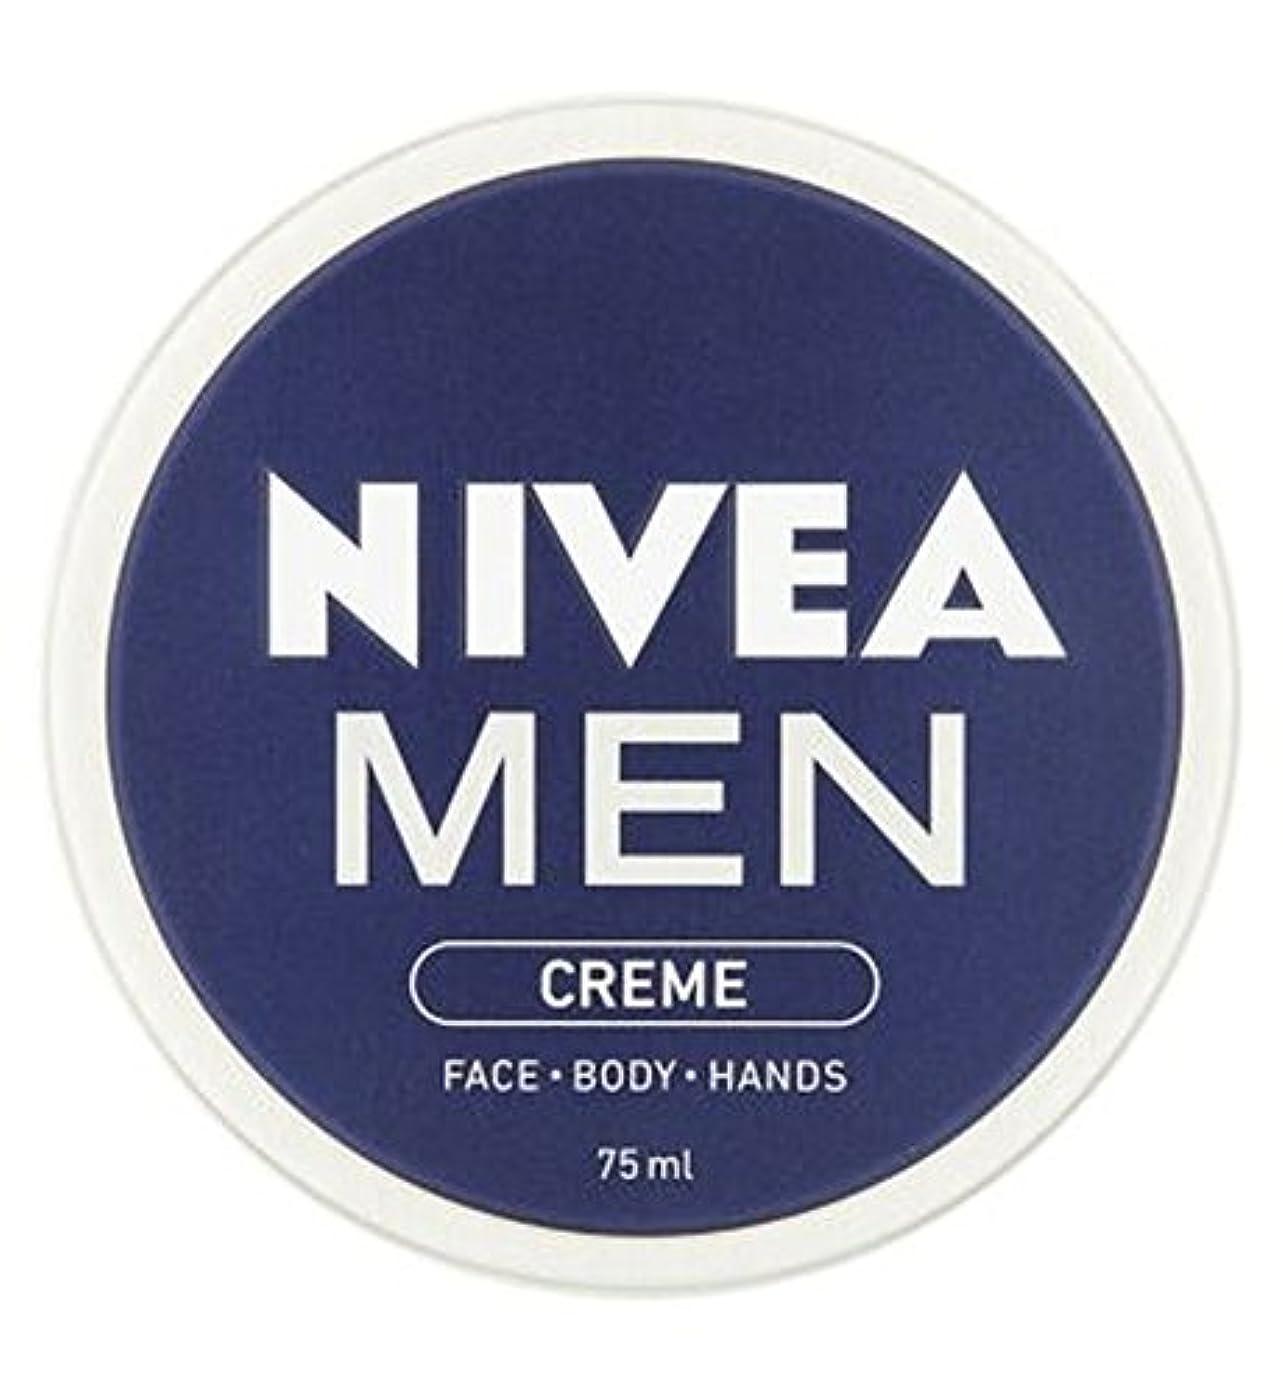 連邦アパート内向きNIVEA MEN Creme 75ml - ニベアの男性は75ミリリットルをクリーム (Nivea) [並行輸入品]